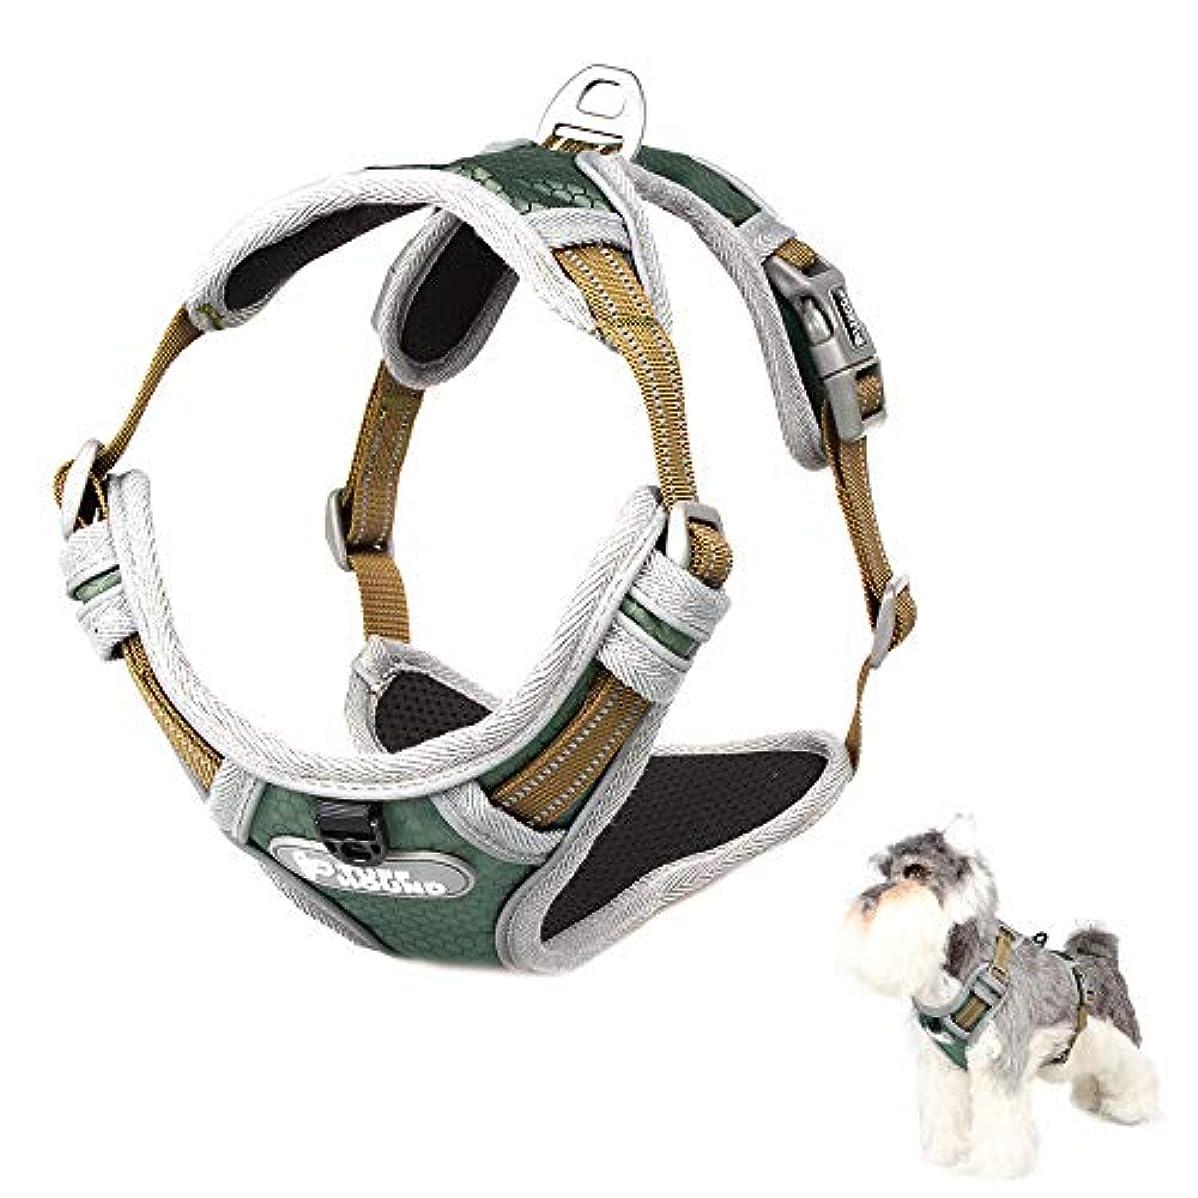 本能ターミナルパパTuff Hound 犬用ハーネス 小型犬 中型犬 大型犬 胴輪 咳き込み軽減 四点調節 反射可 散歩/訓練/出かけ用 (S, オリーブグリーン)